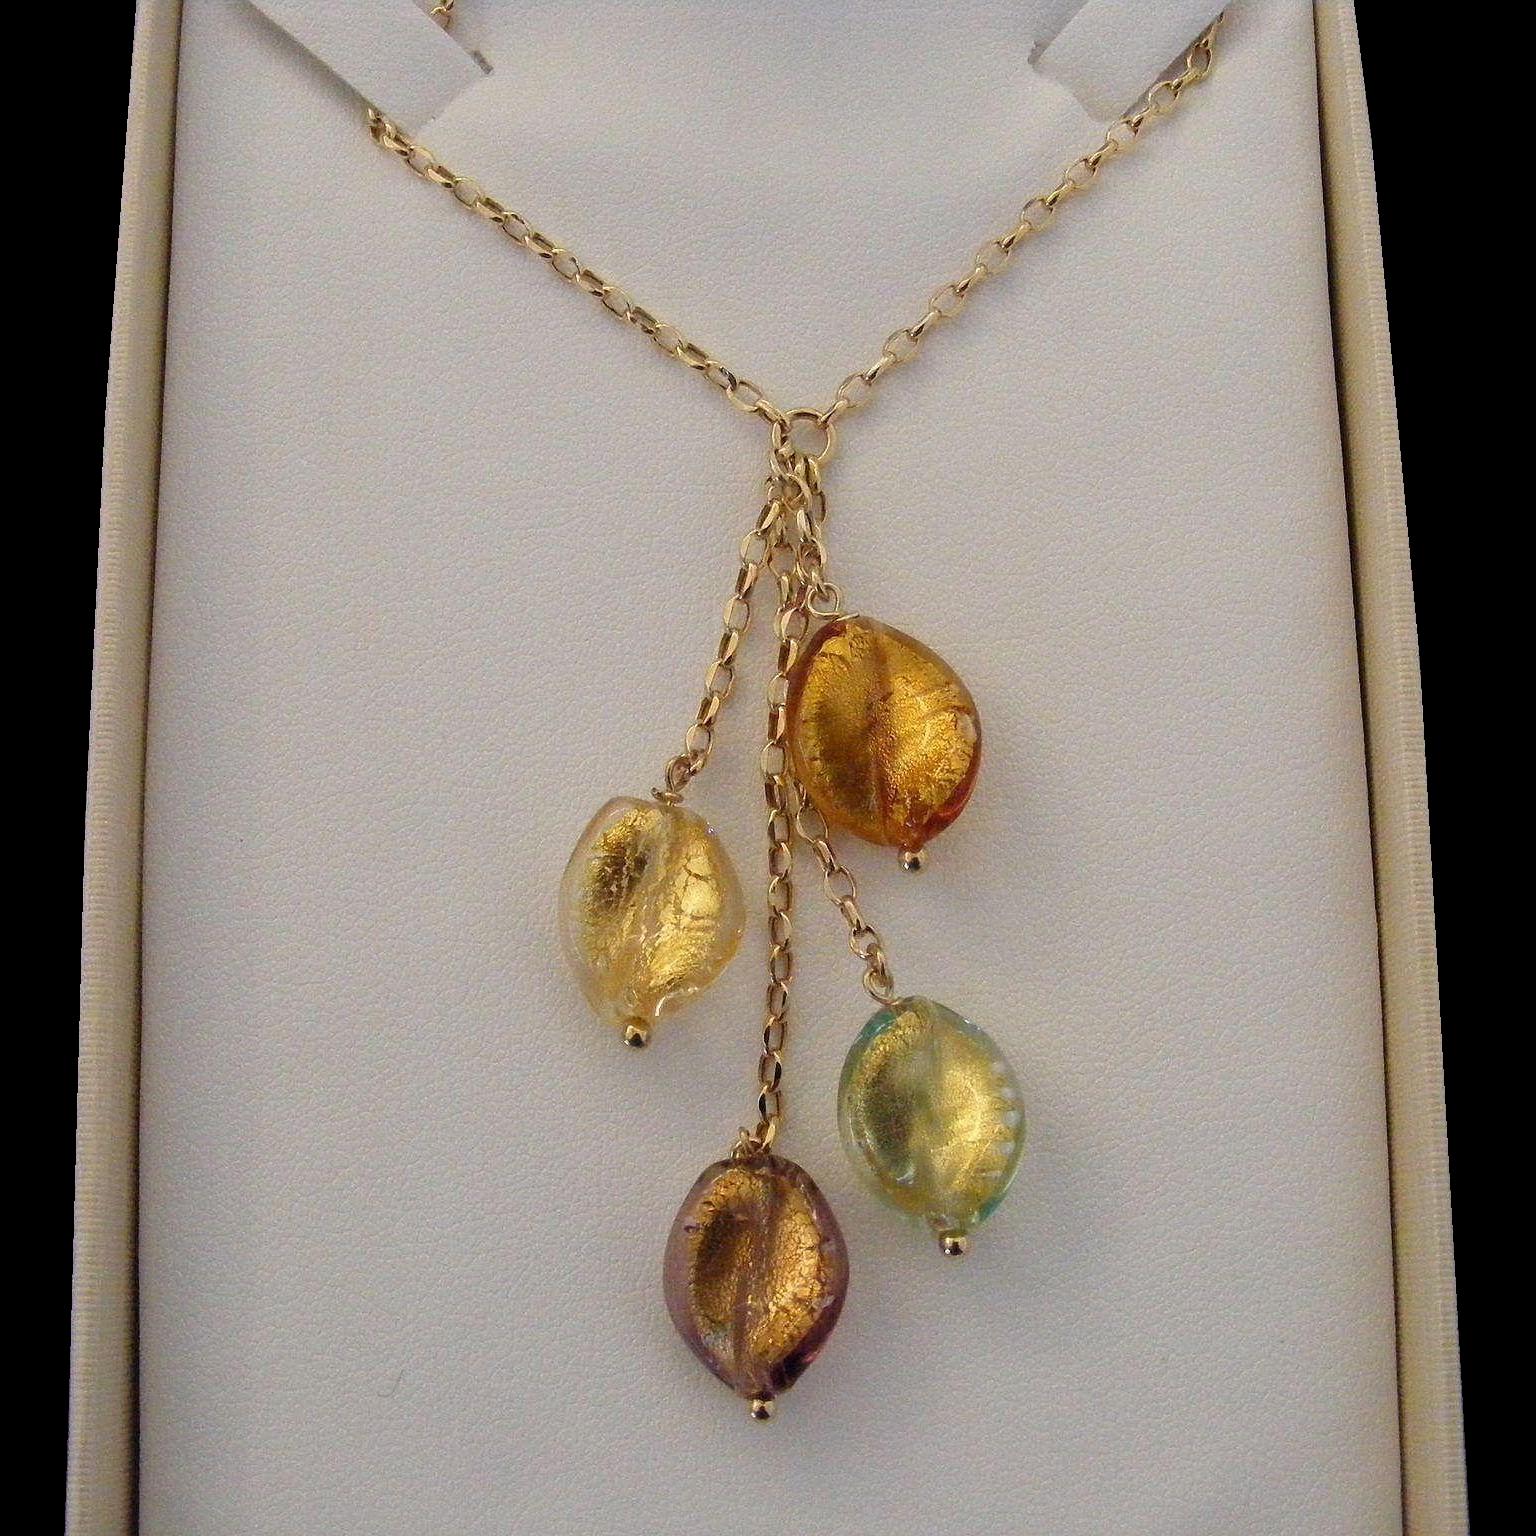 Vintage Pate De Verre Necklace